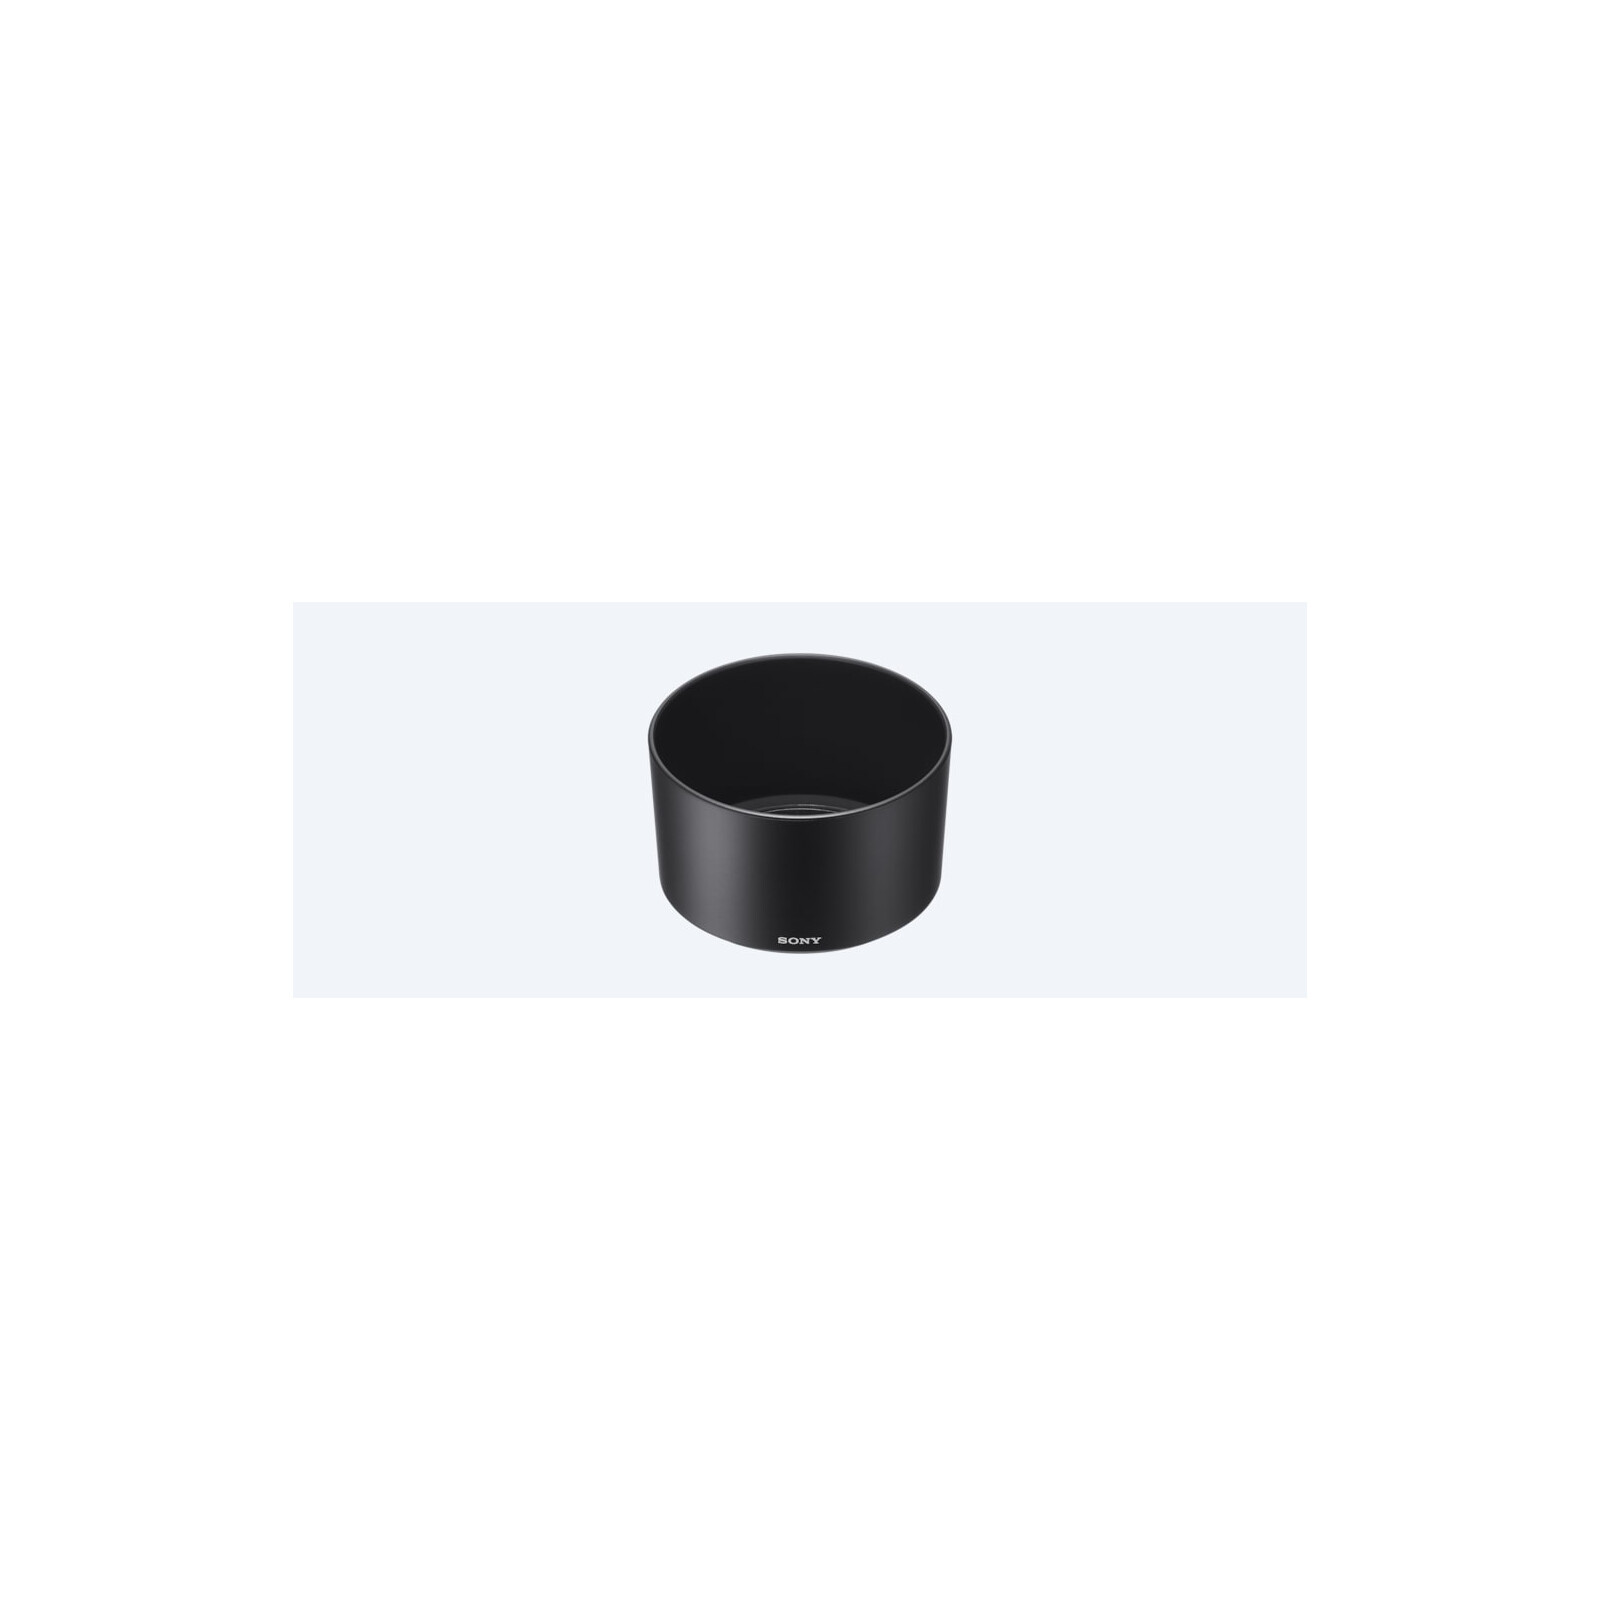 Sony ALC-SH138 Gegenlichtblende